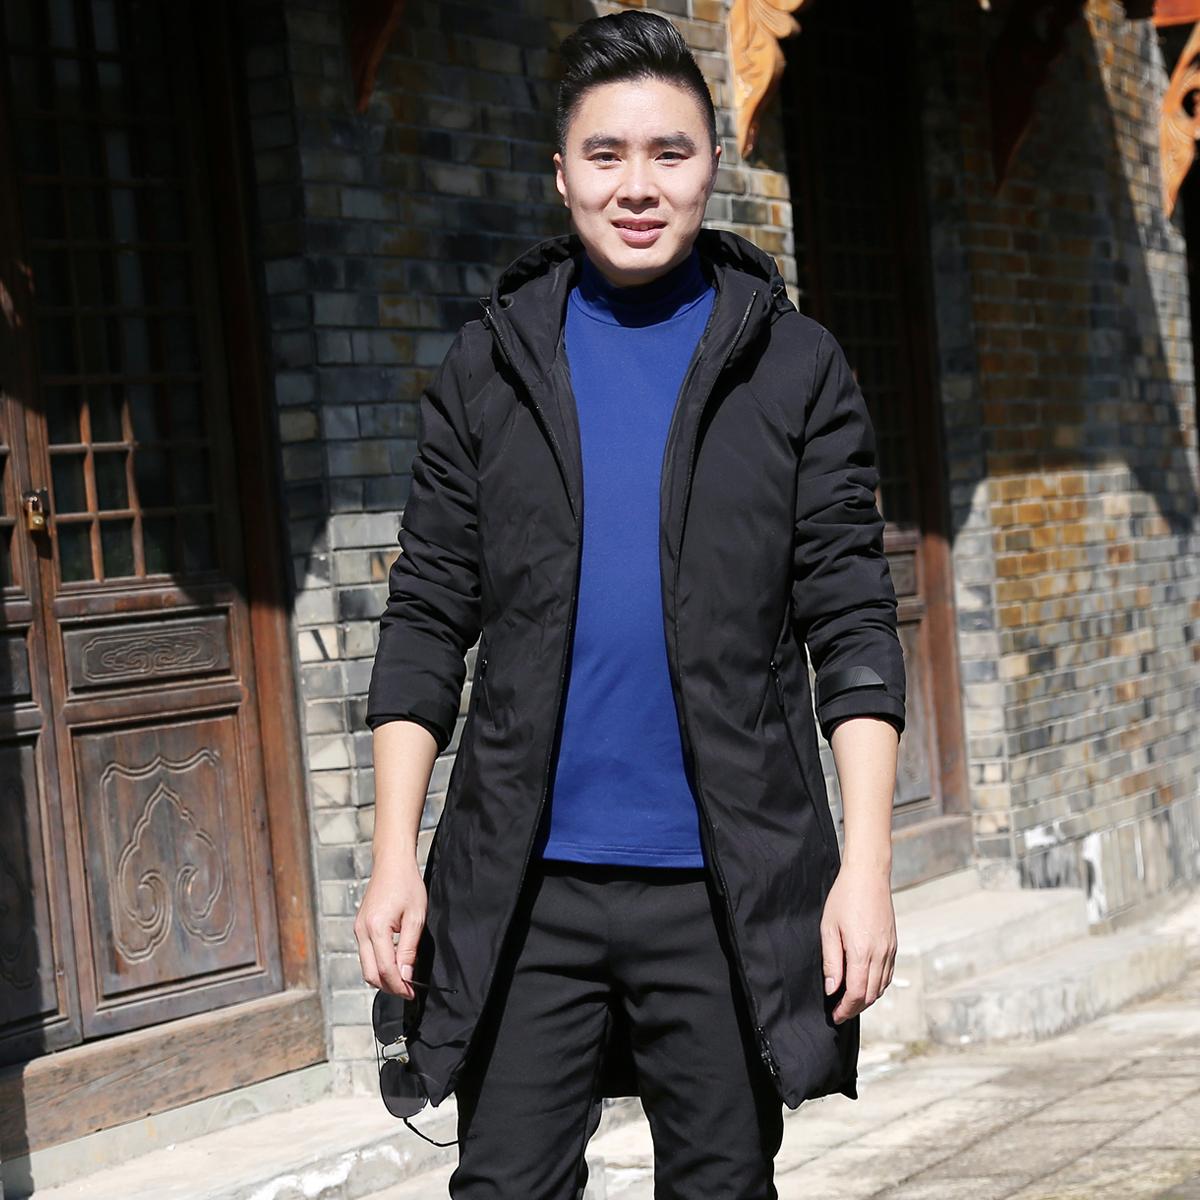 雪丘岛户外秋冬新款中长款纯色羽绒服加厚保暖防寒开衫外套男士